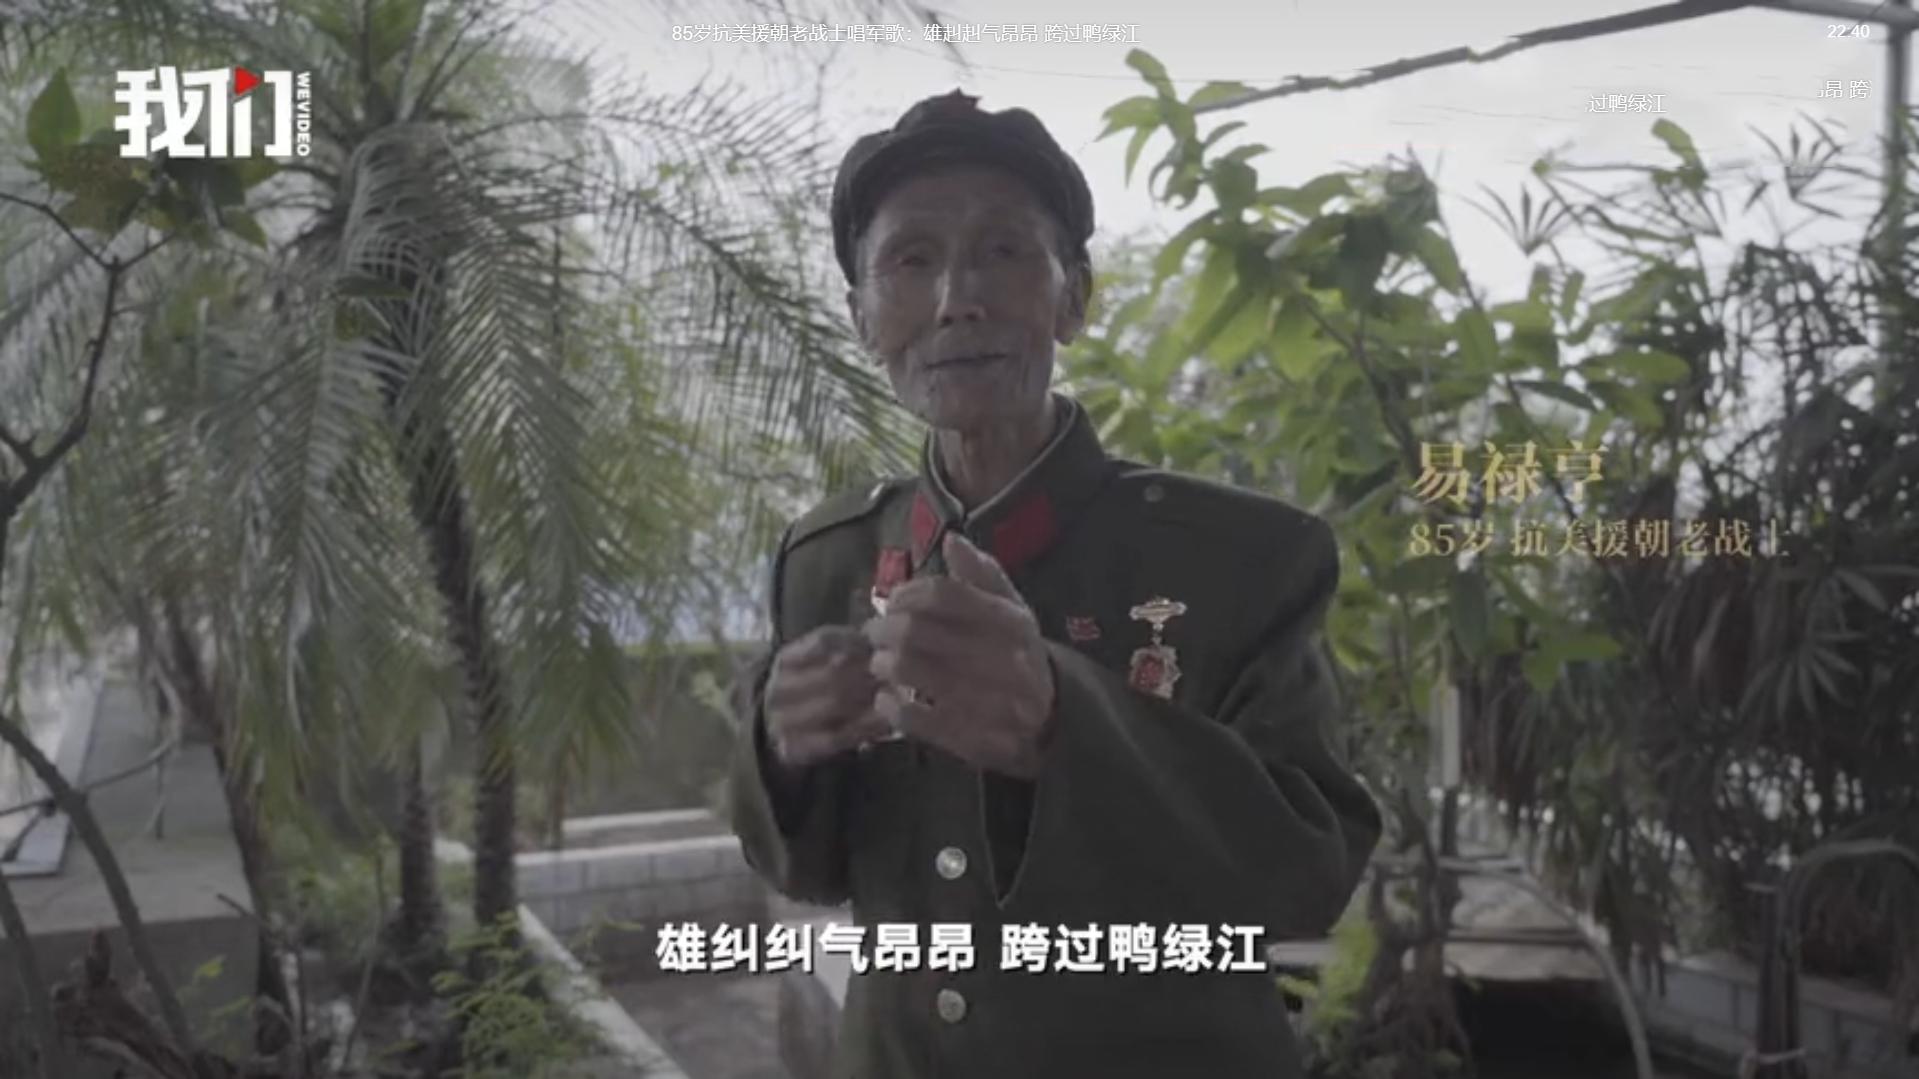 纪念抗美援朝70周年大会隆重举行,军嫂张馨予晒与爷爷的合照